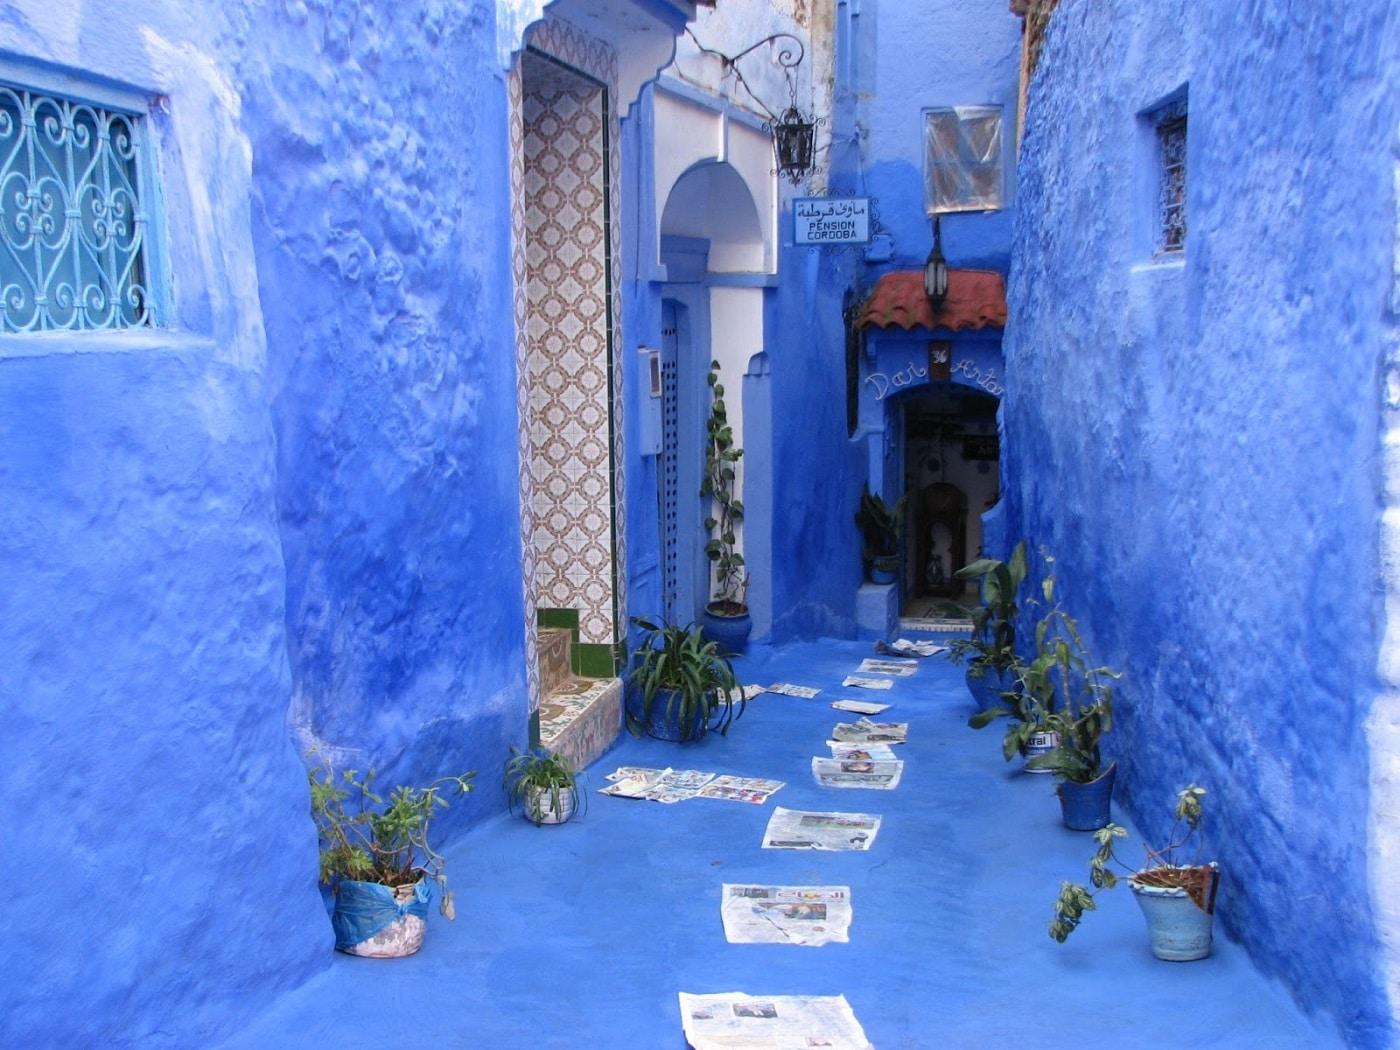 Îngustele străduțe din oraș sunt colorate tot în albastru